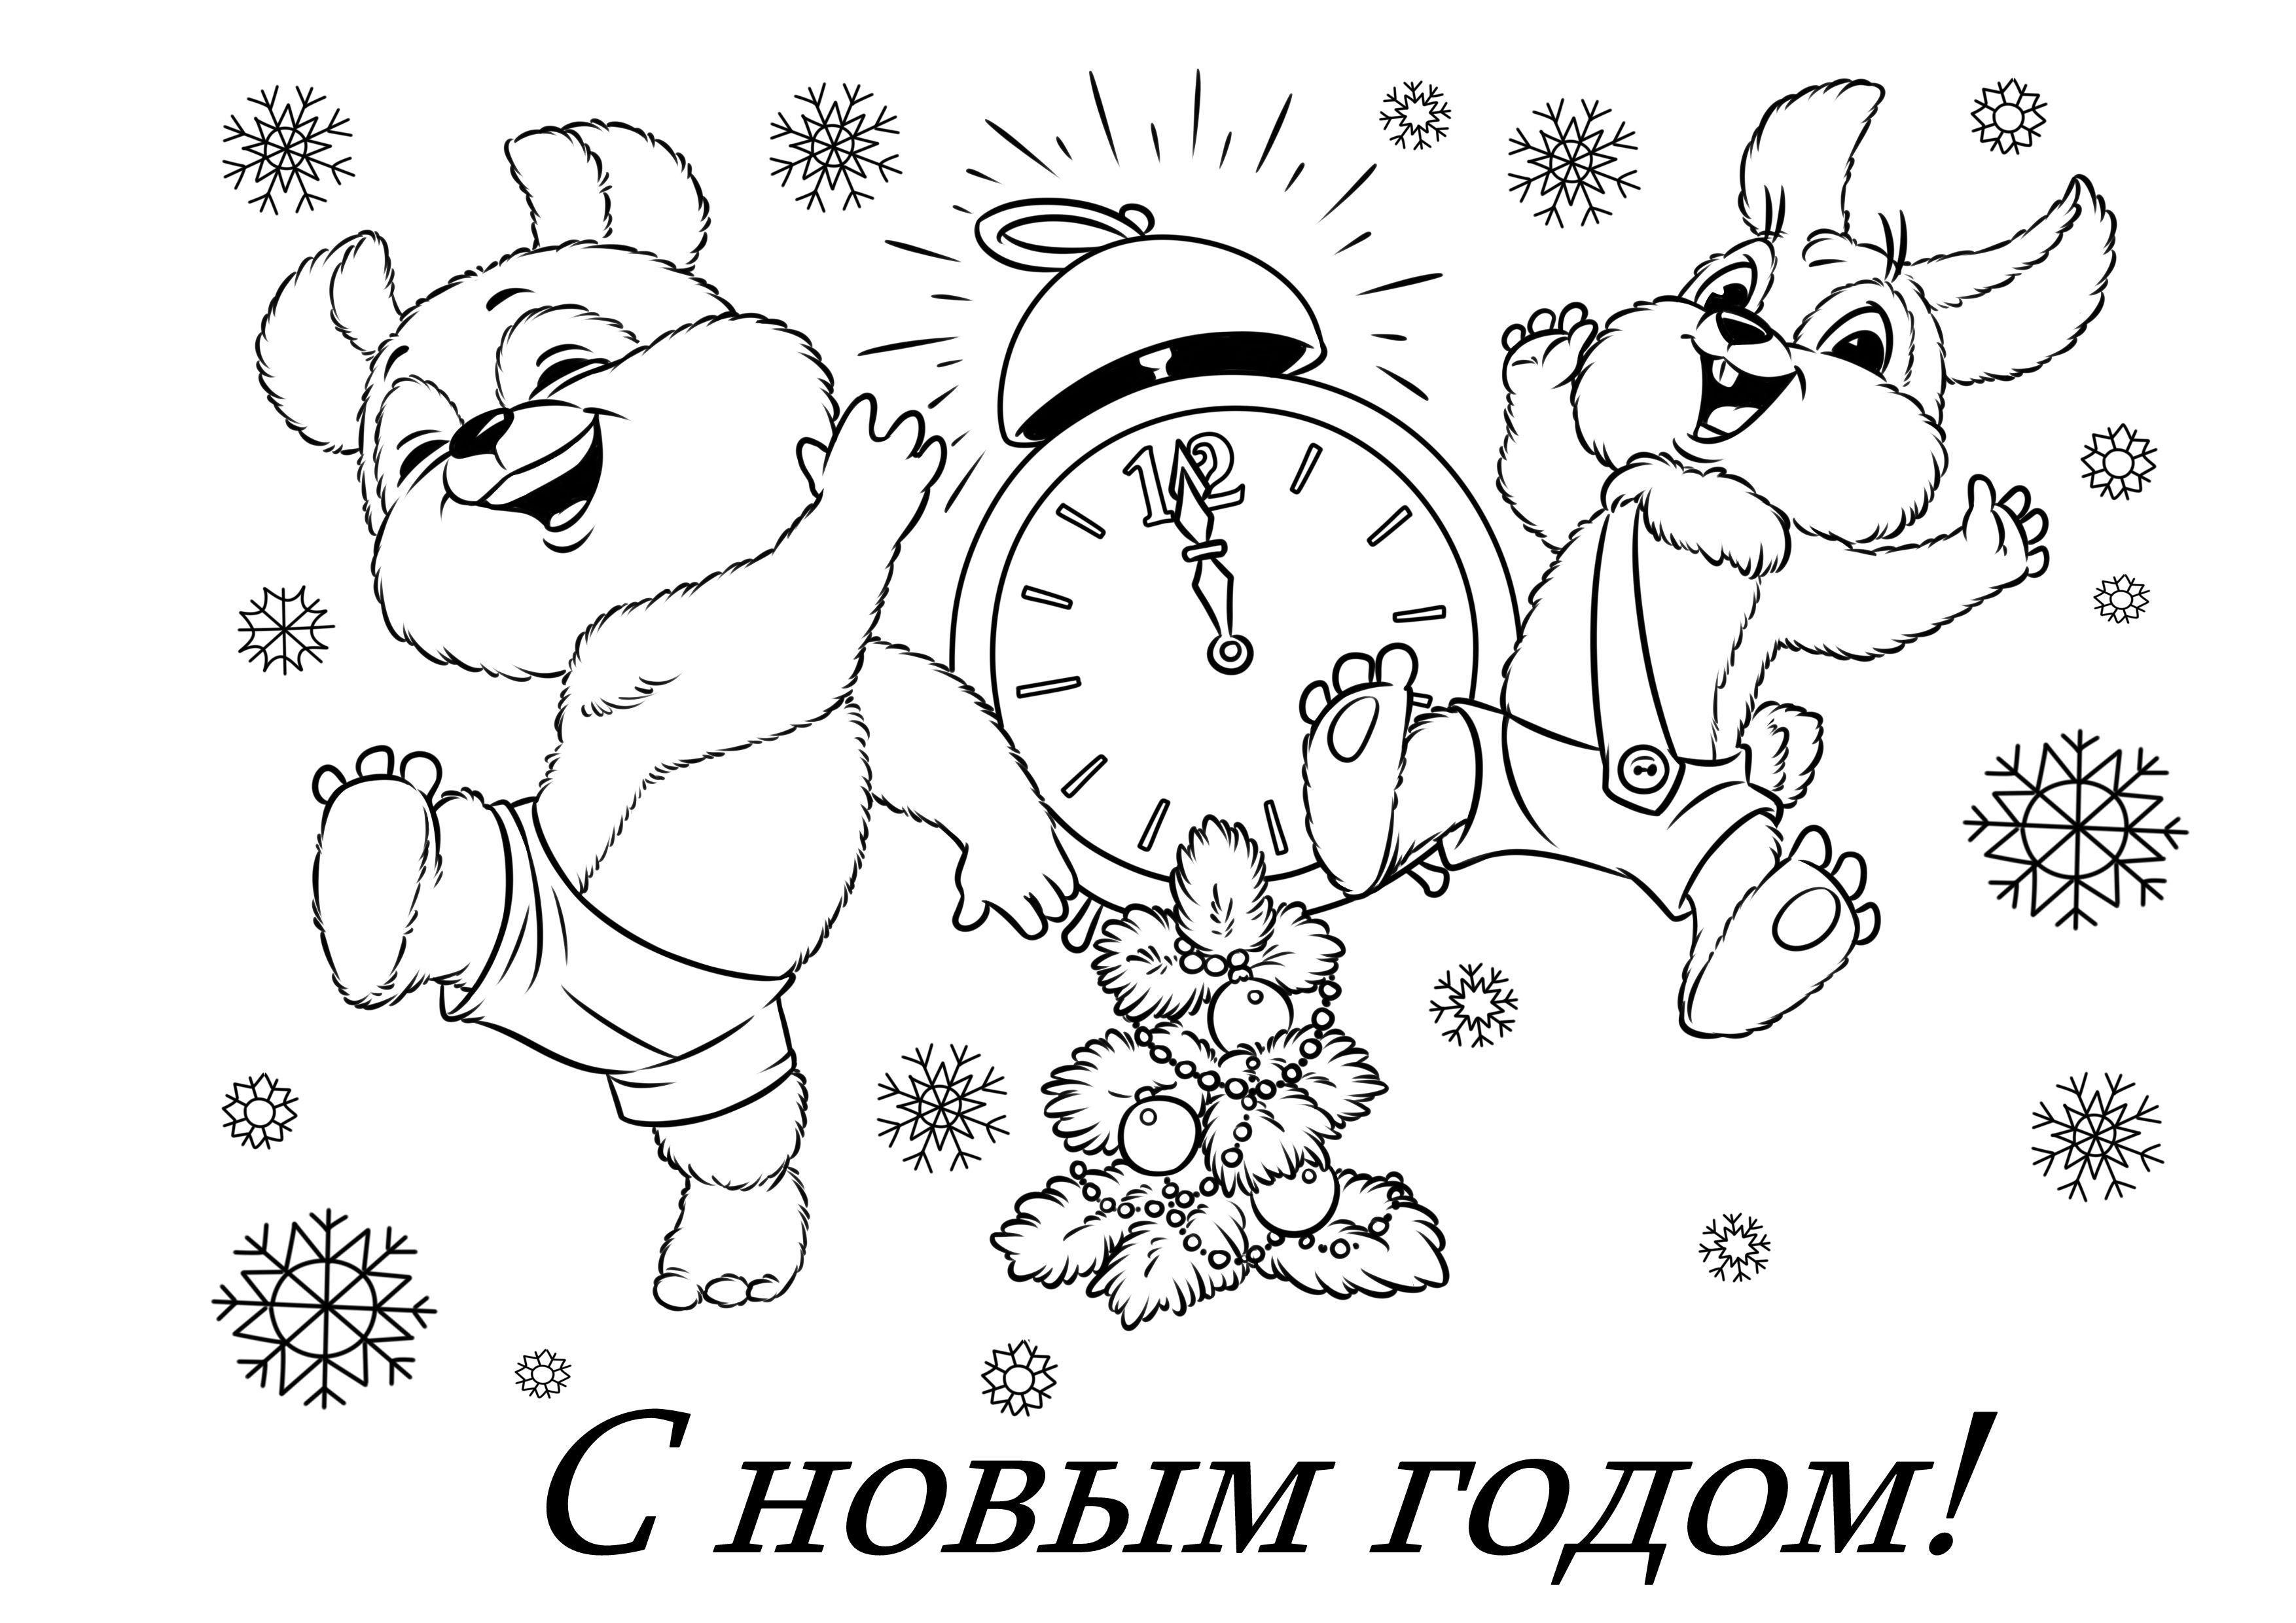 Новогодняя открытка черно белая, фона для открытки